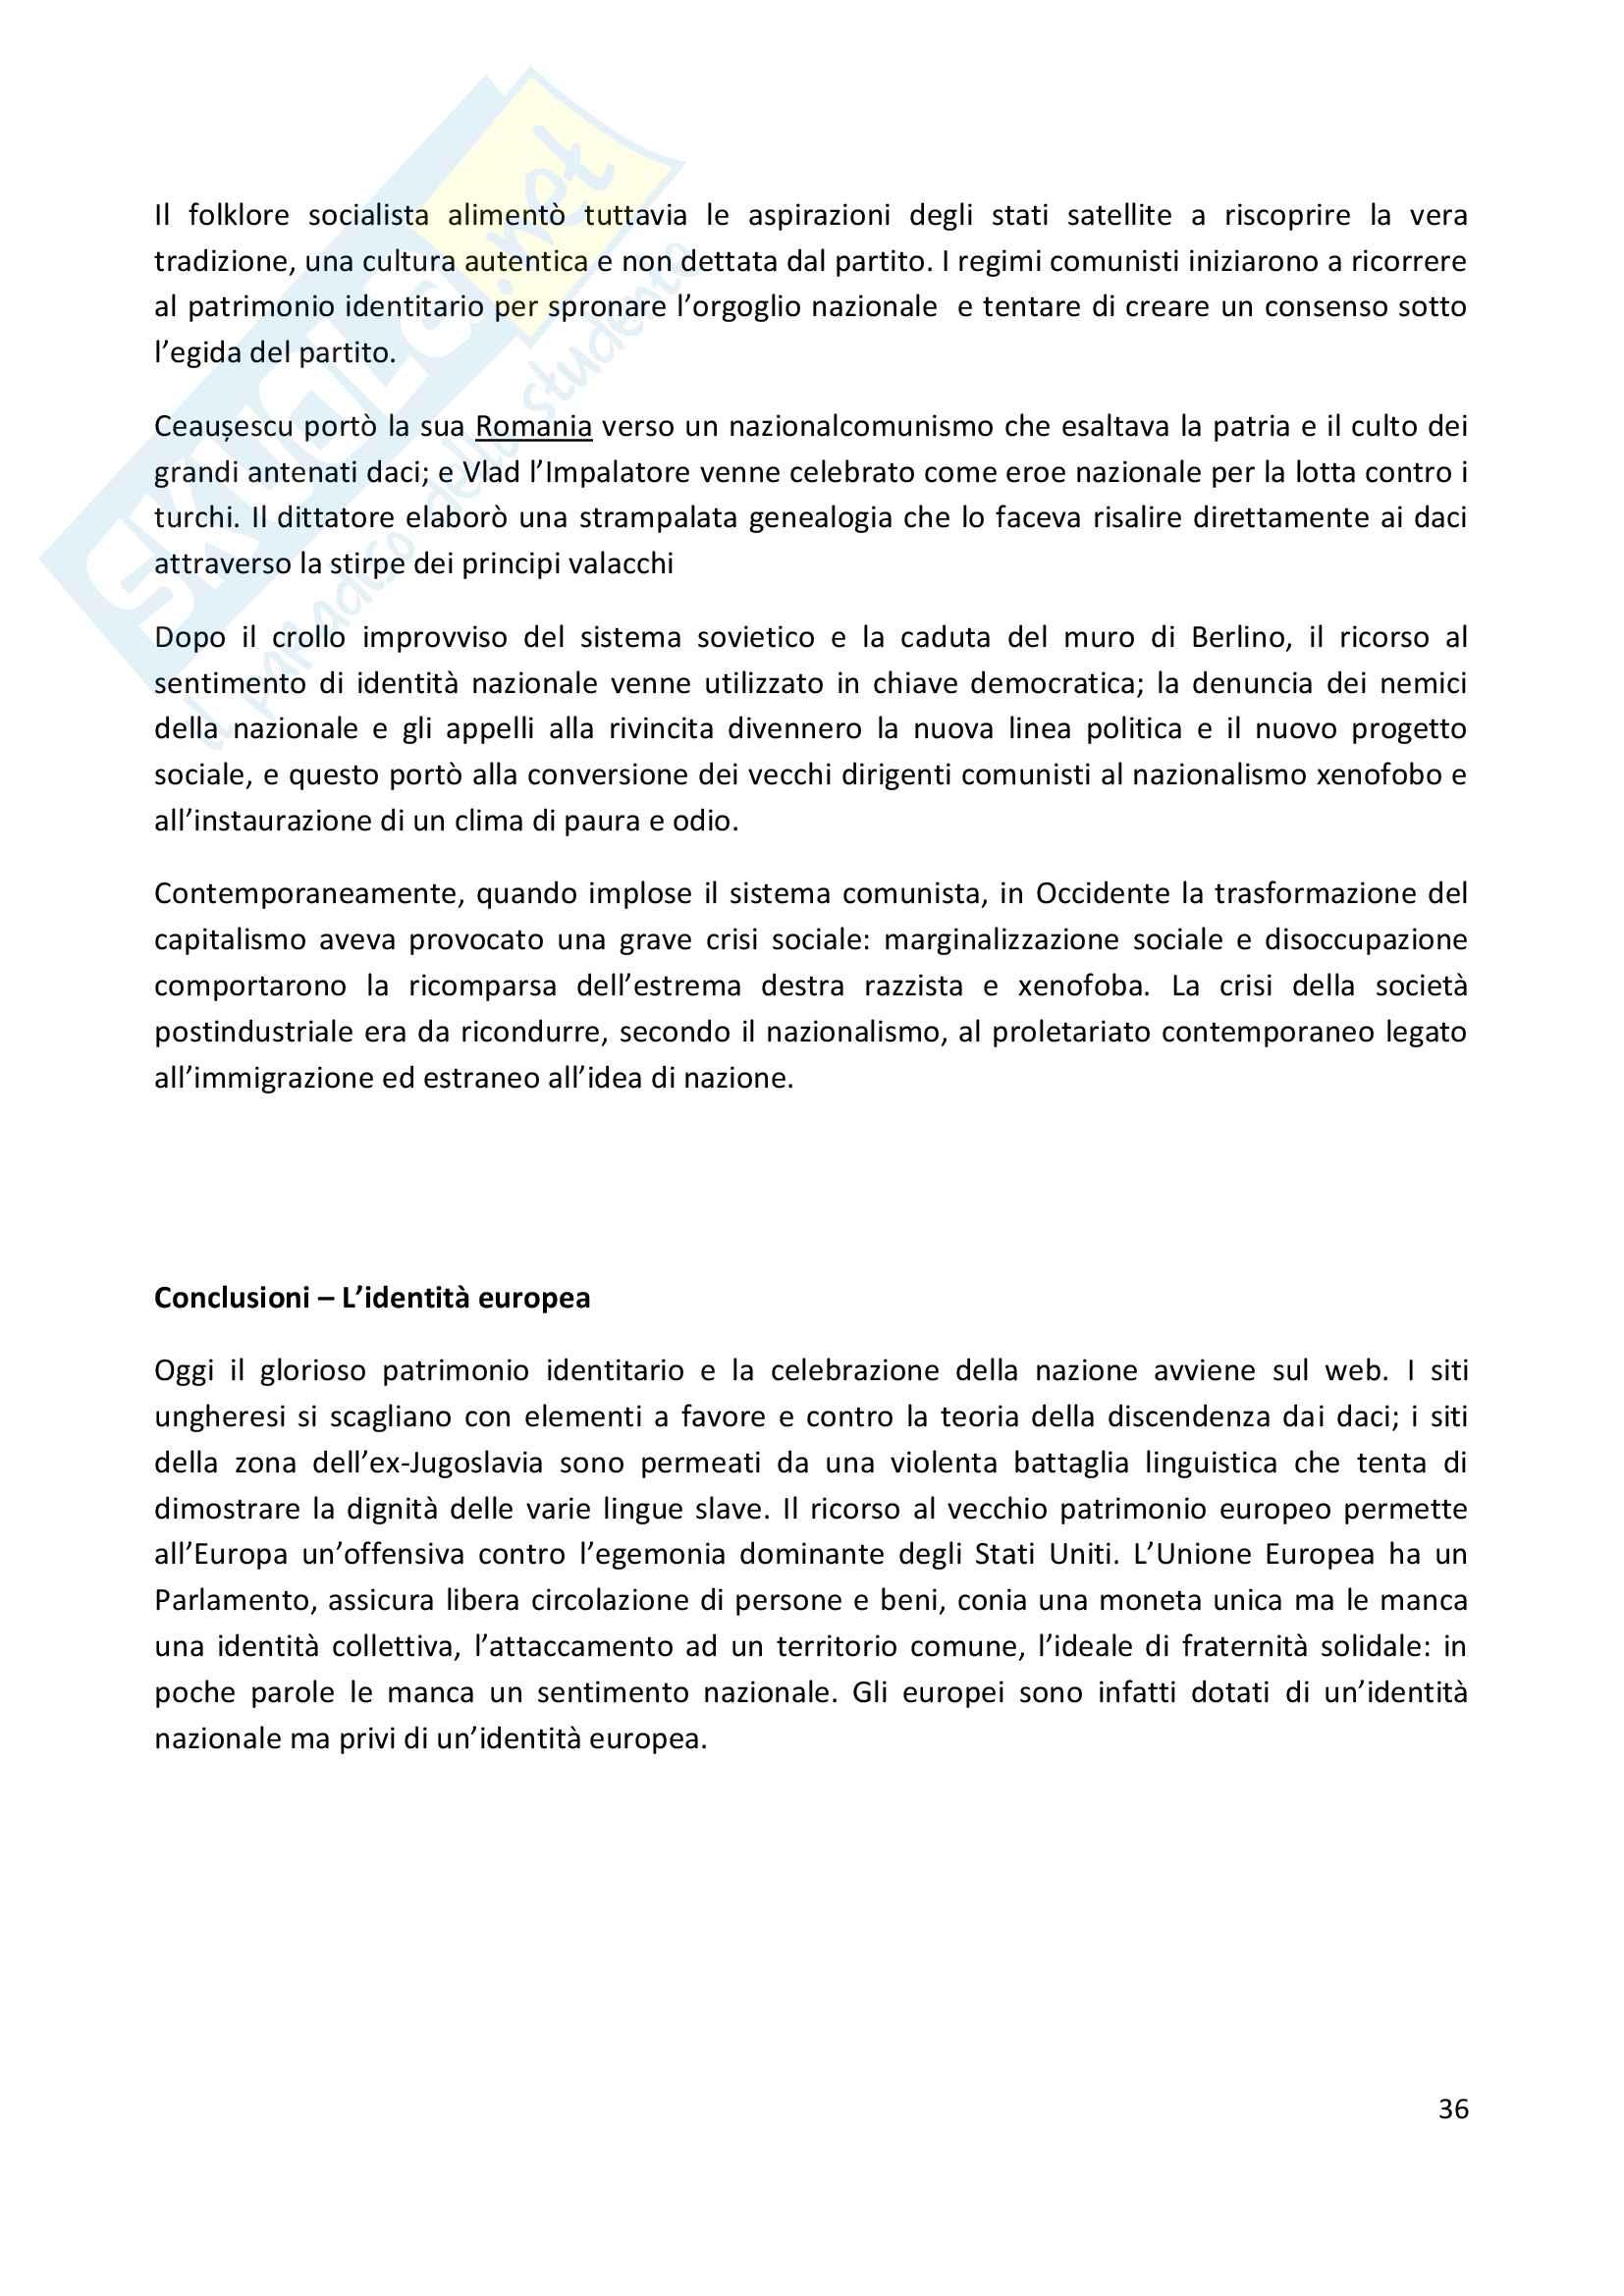 Riassunto esame Storia contemporanea, prof Trinchese, libro consigliato: La creazione delle identità nazionali in Europa, Thiesse Pag. 36